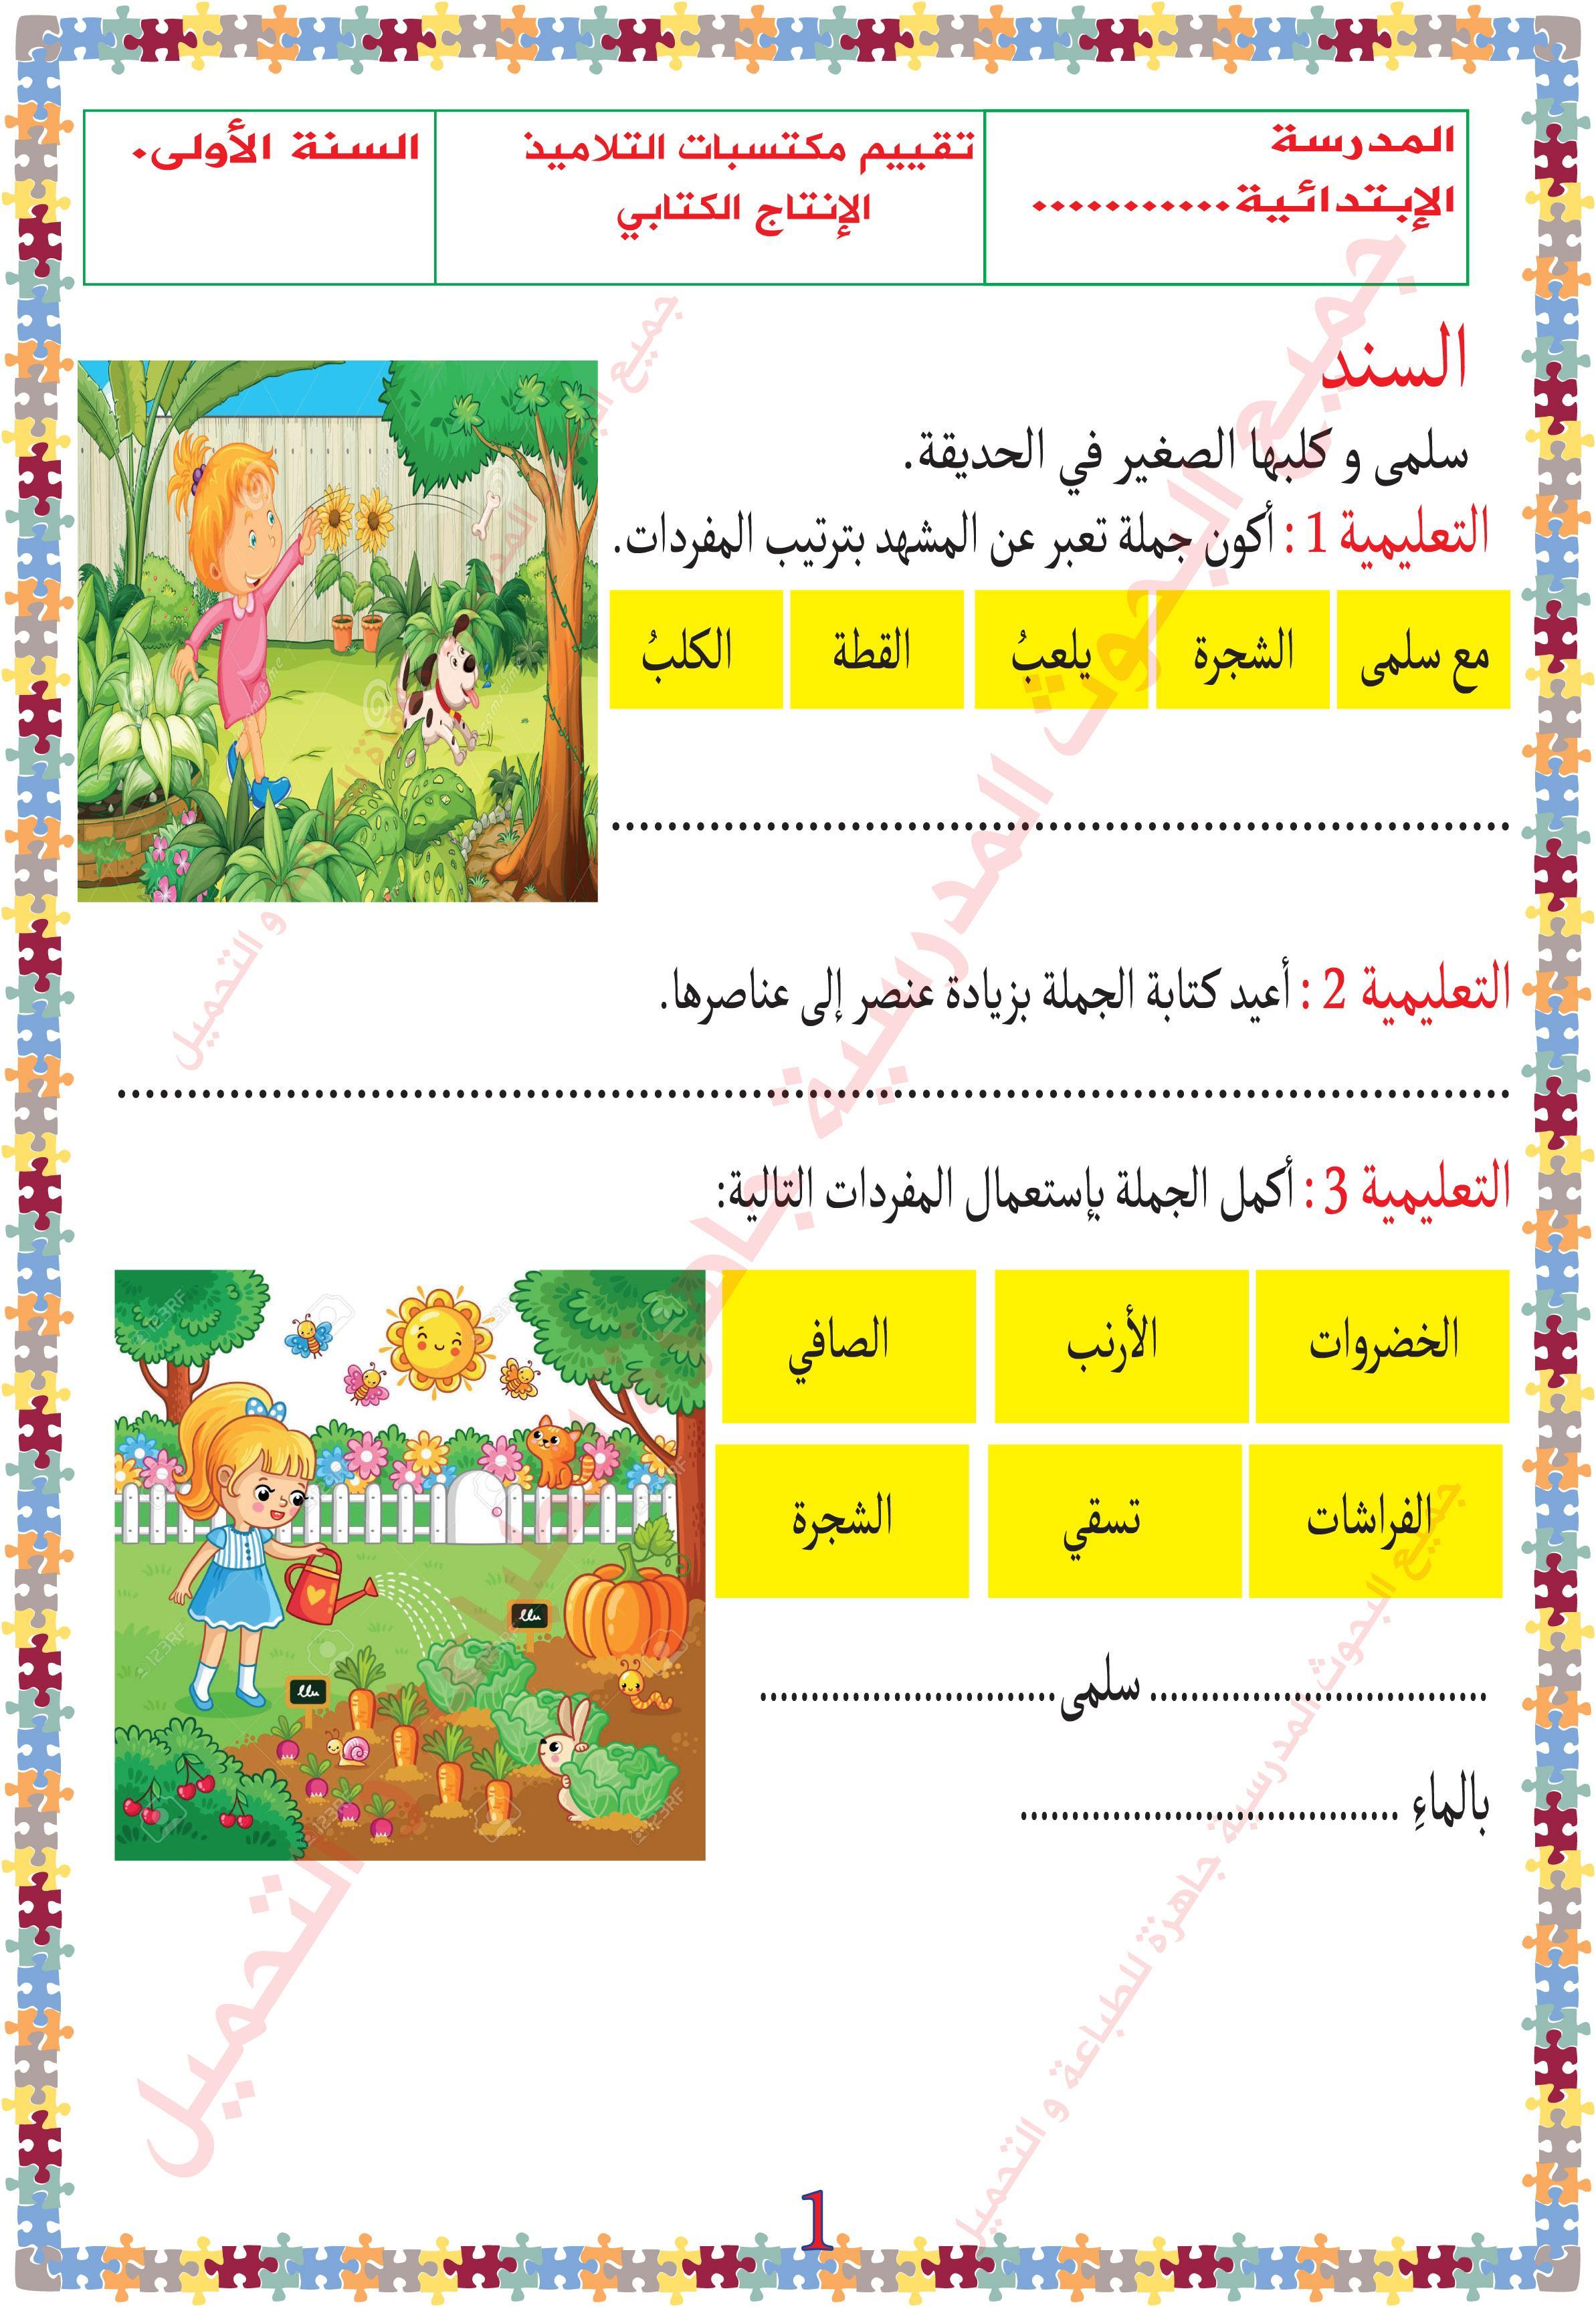 (8)تقييم مكتسبات التلاميذ في الإنتاج الكتابي